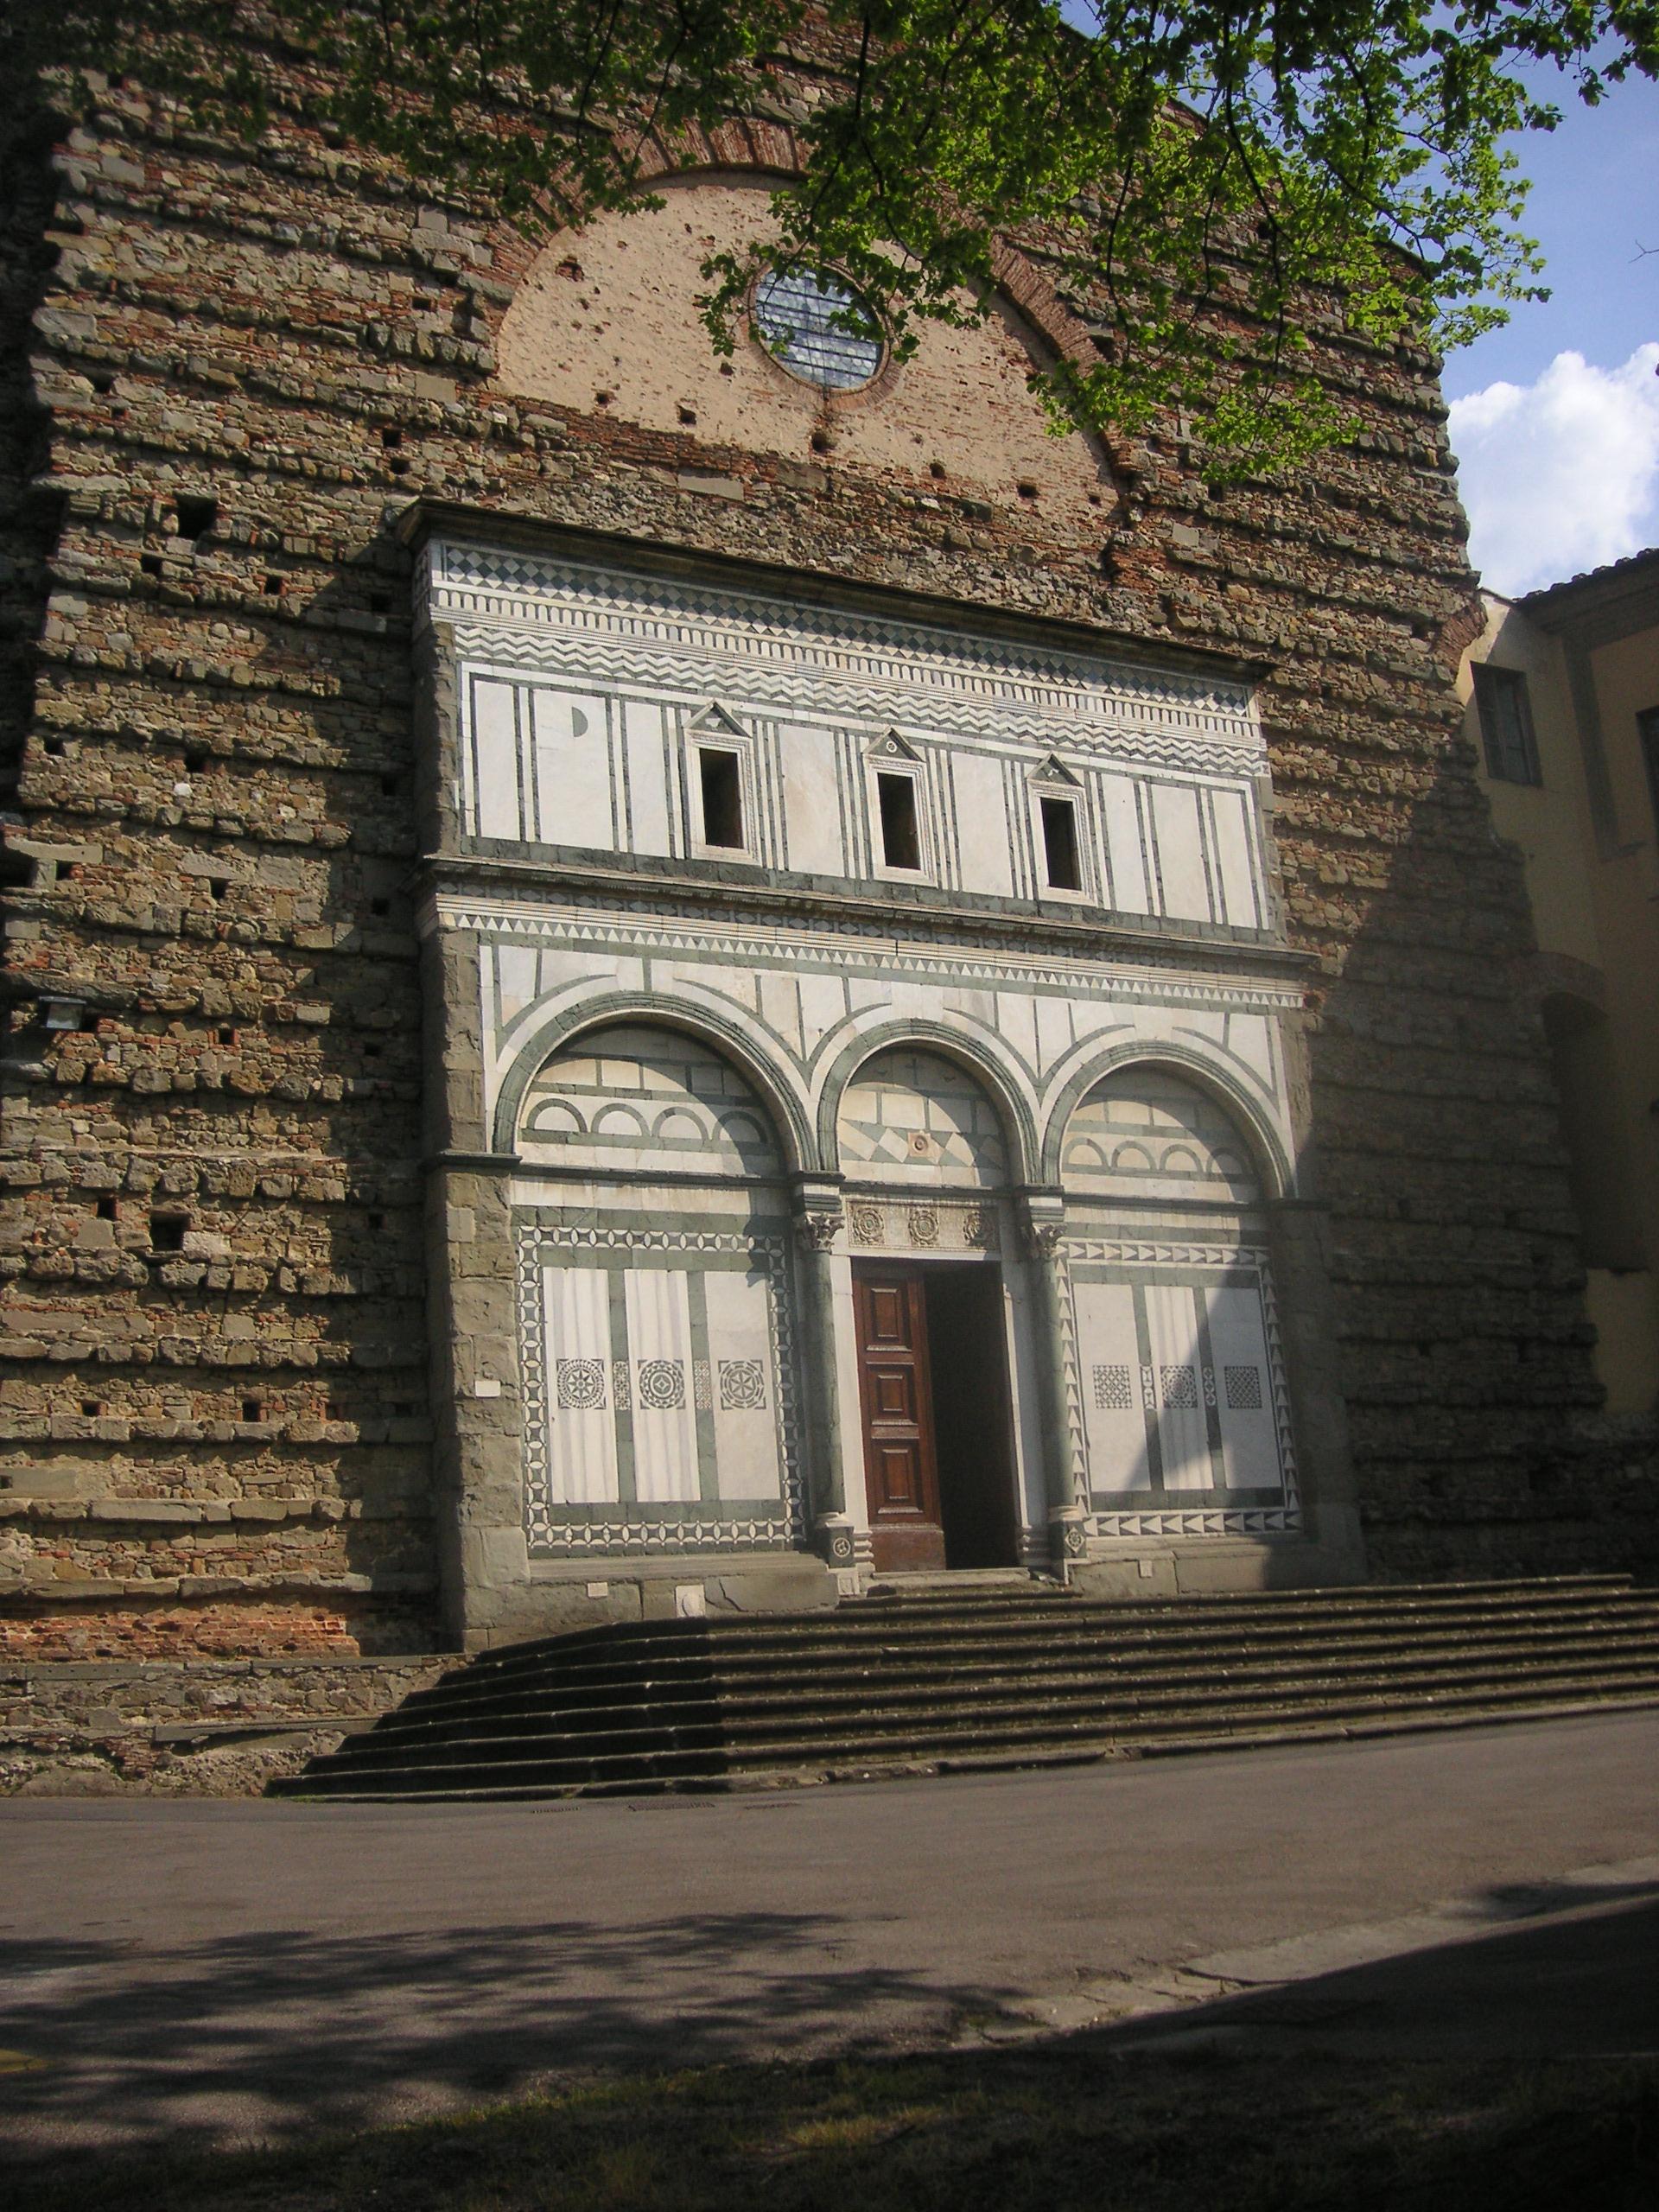 Facciata della Badia Fiesolana, San Domenico, Fiesole